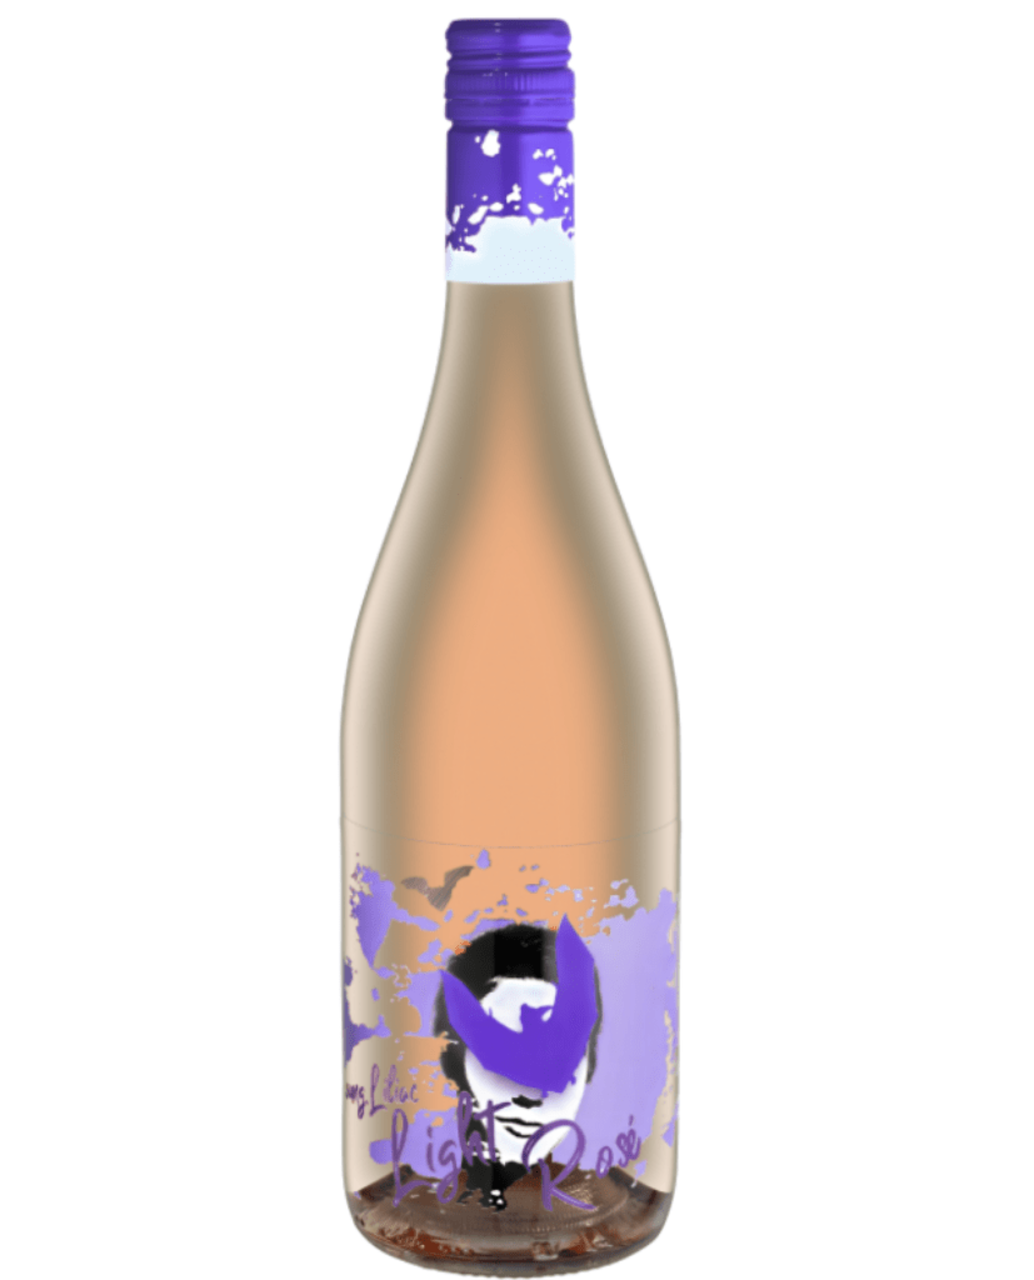 Young Liliac Light Rose Pinot Noir & Merlot